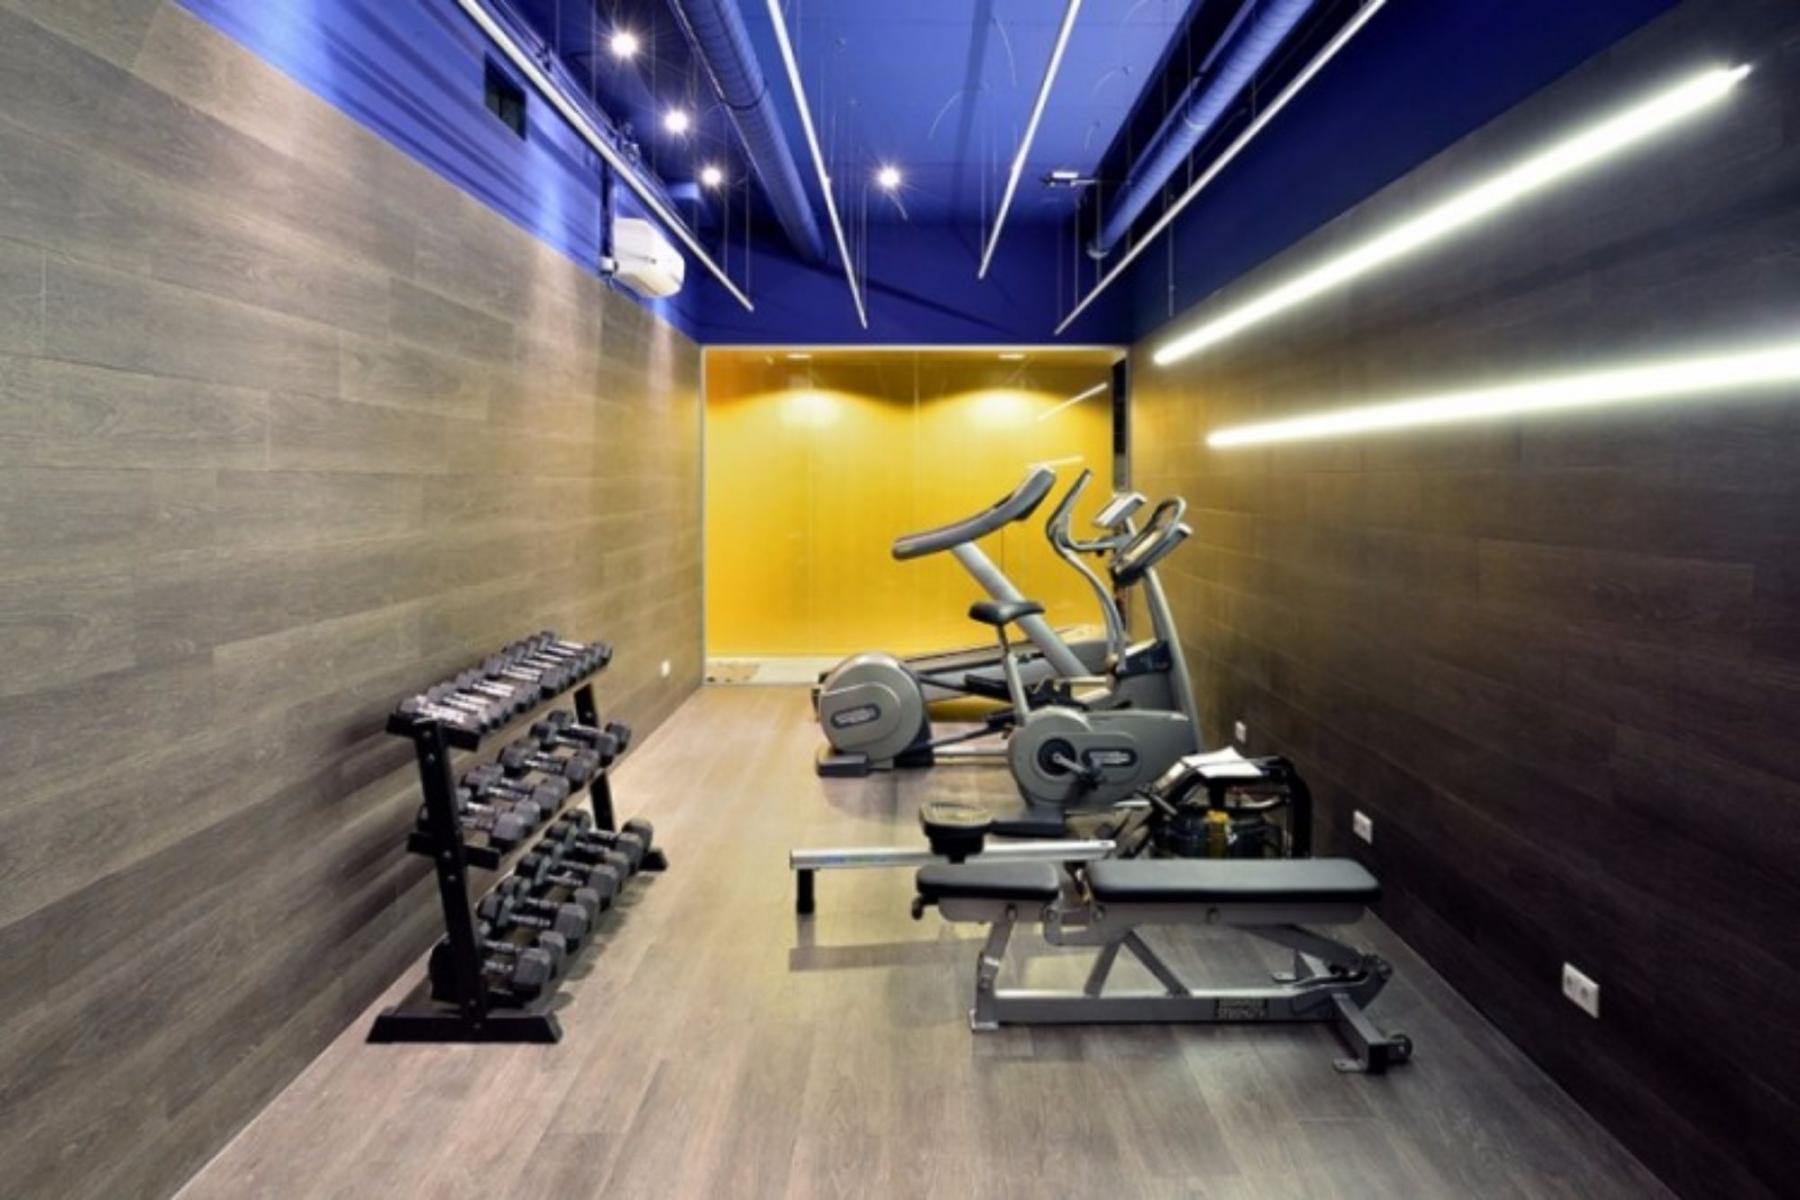 Fitnessroom in office building Den Bosch